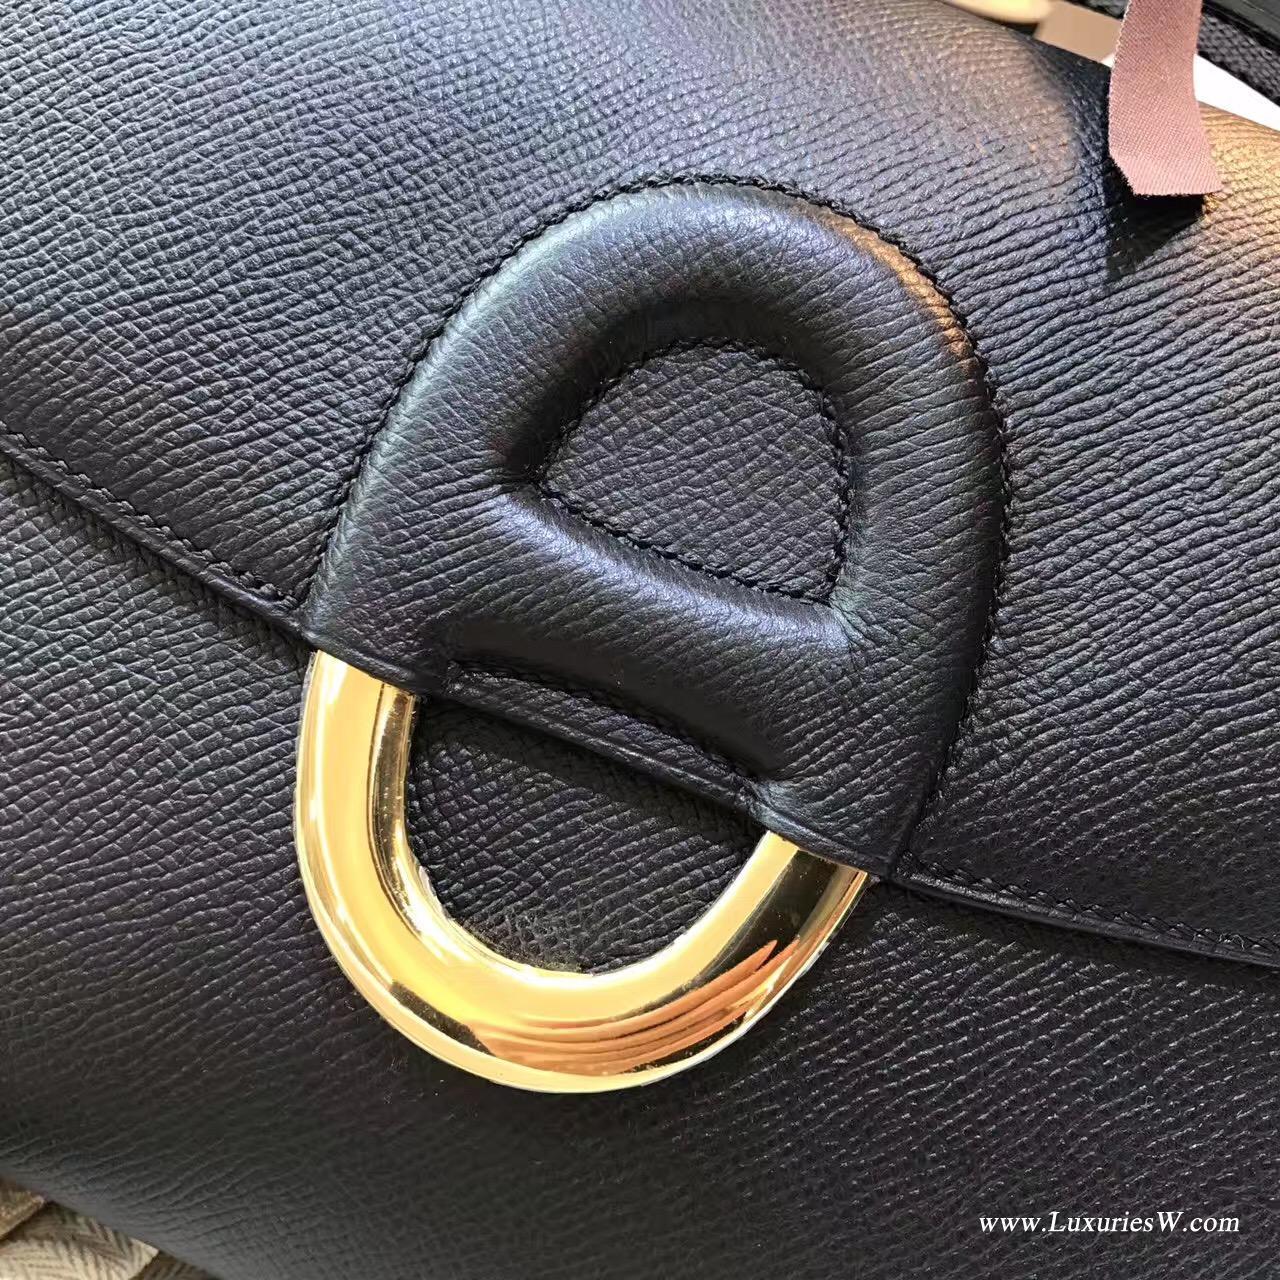 Cherche Epsom黑金 25 中號金扣 最經典的顏色